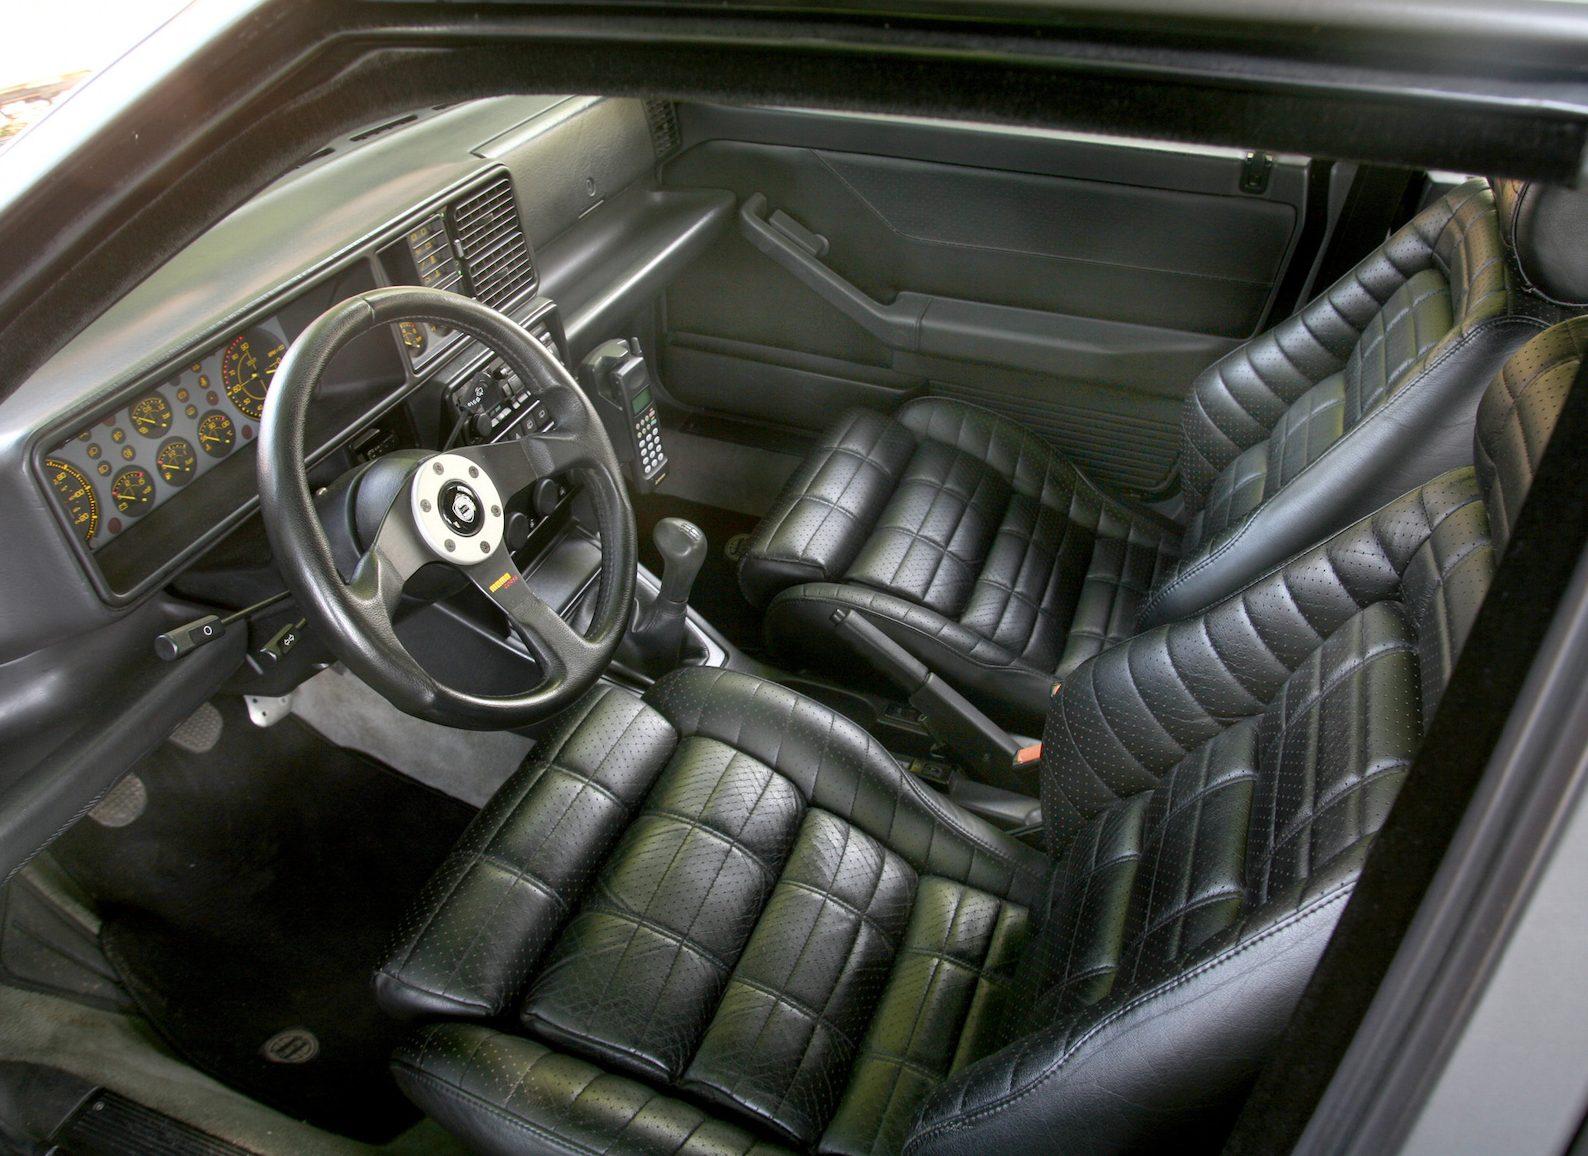 Lancia Delta Integrale Evo interior